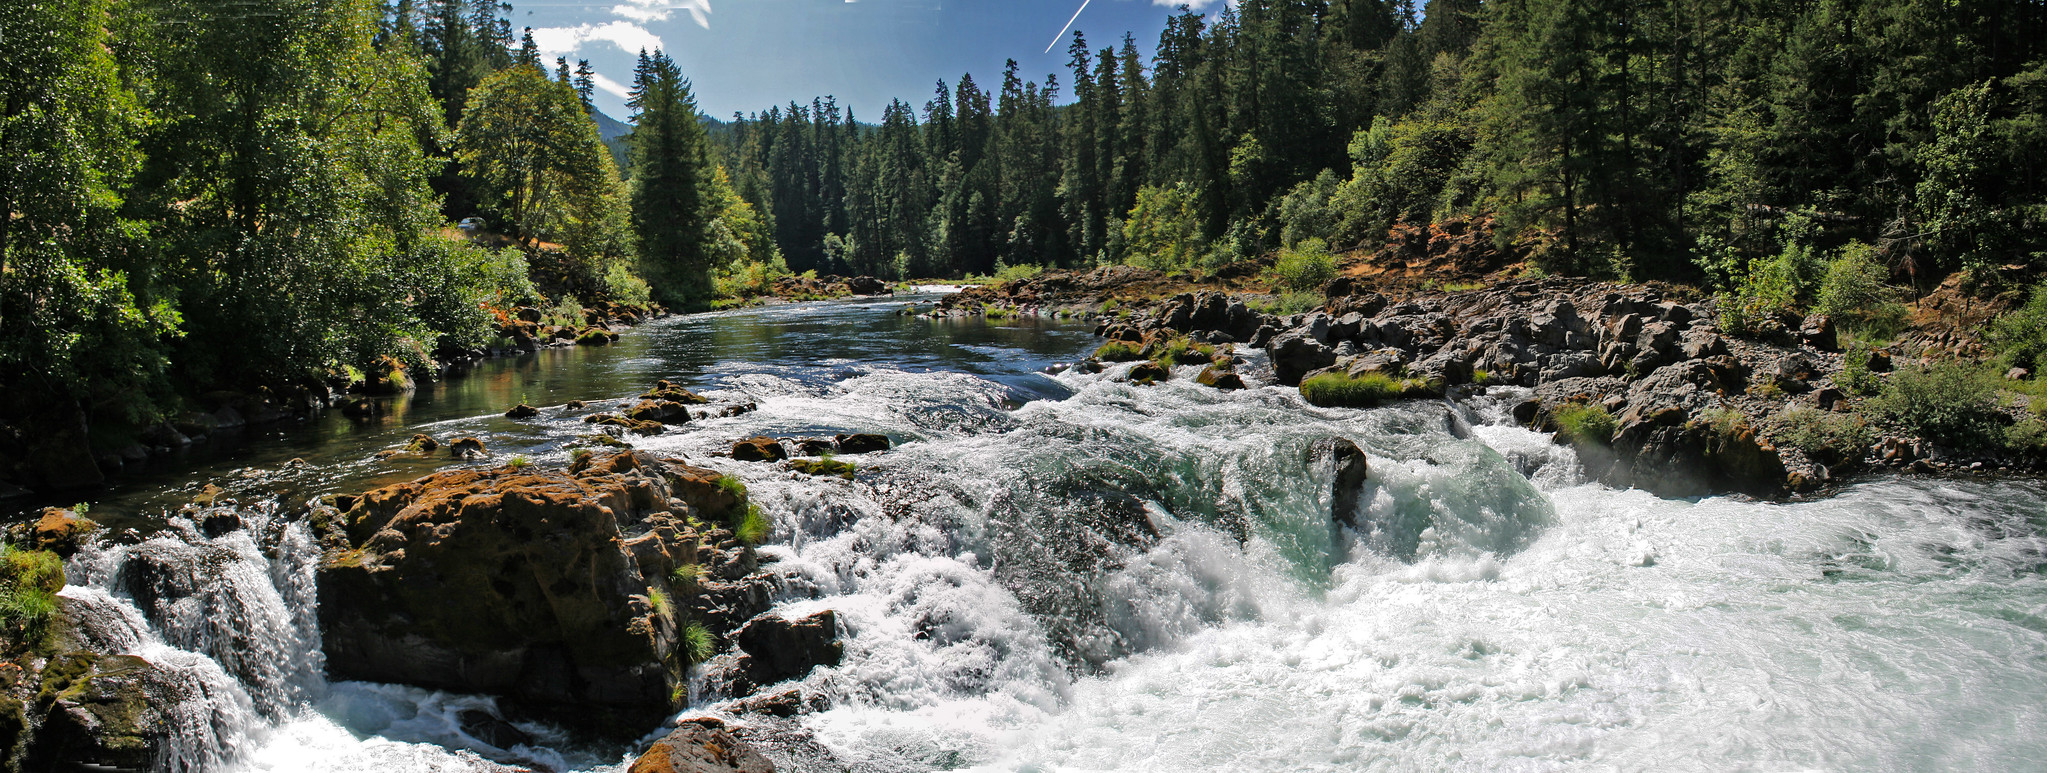 Falls on the North Umpqua Wild and Scenic River